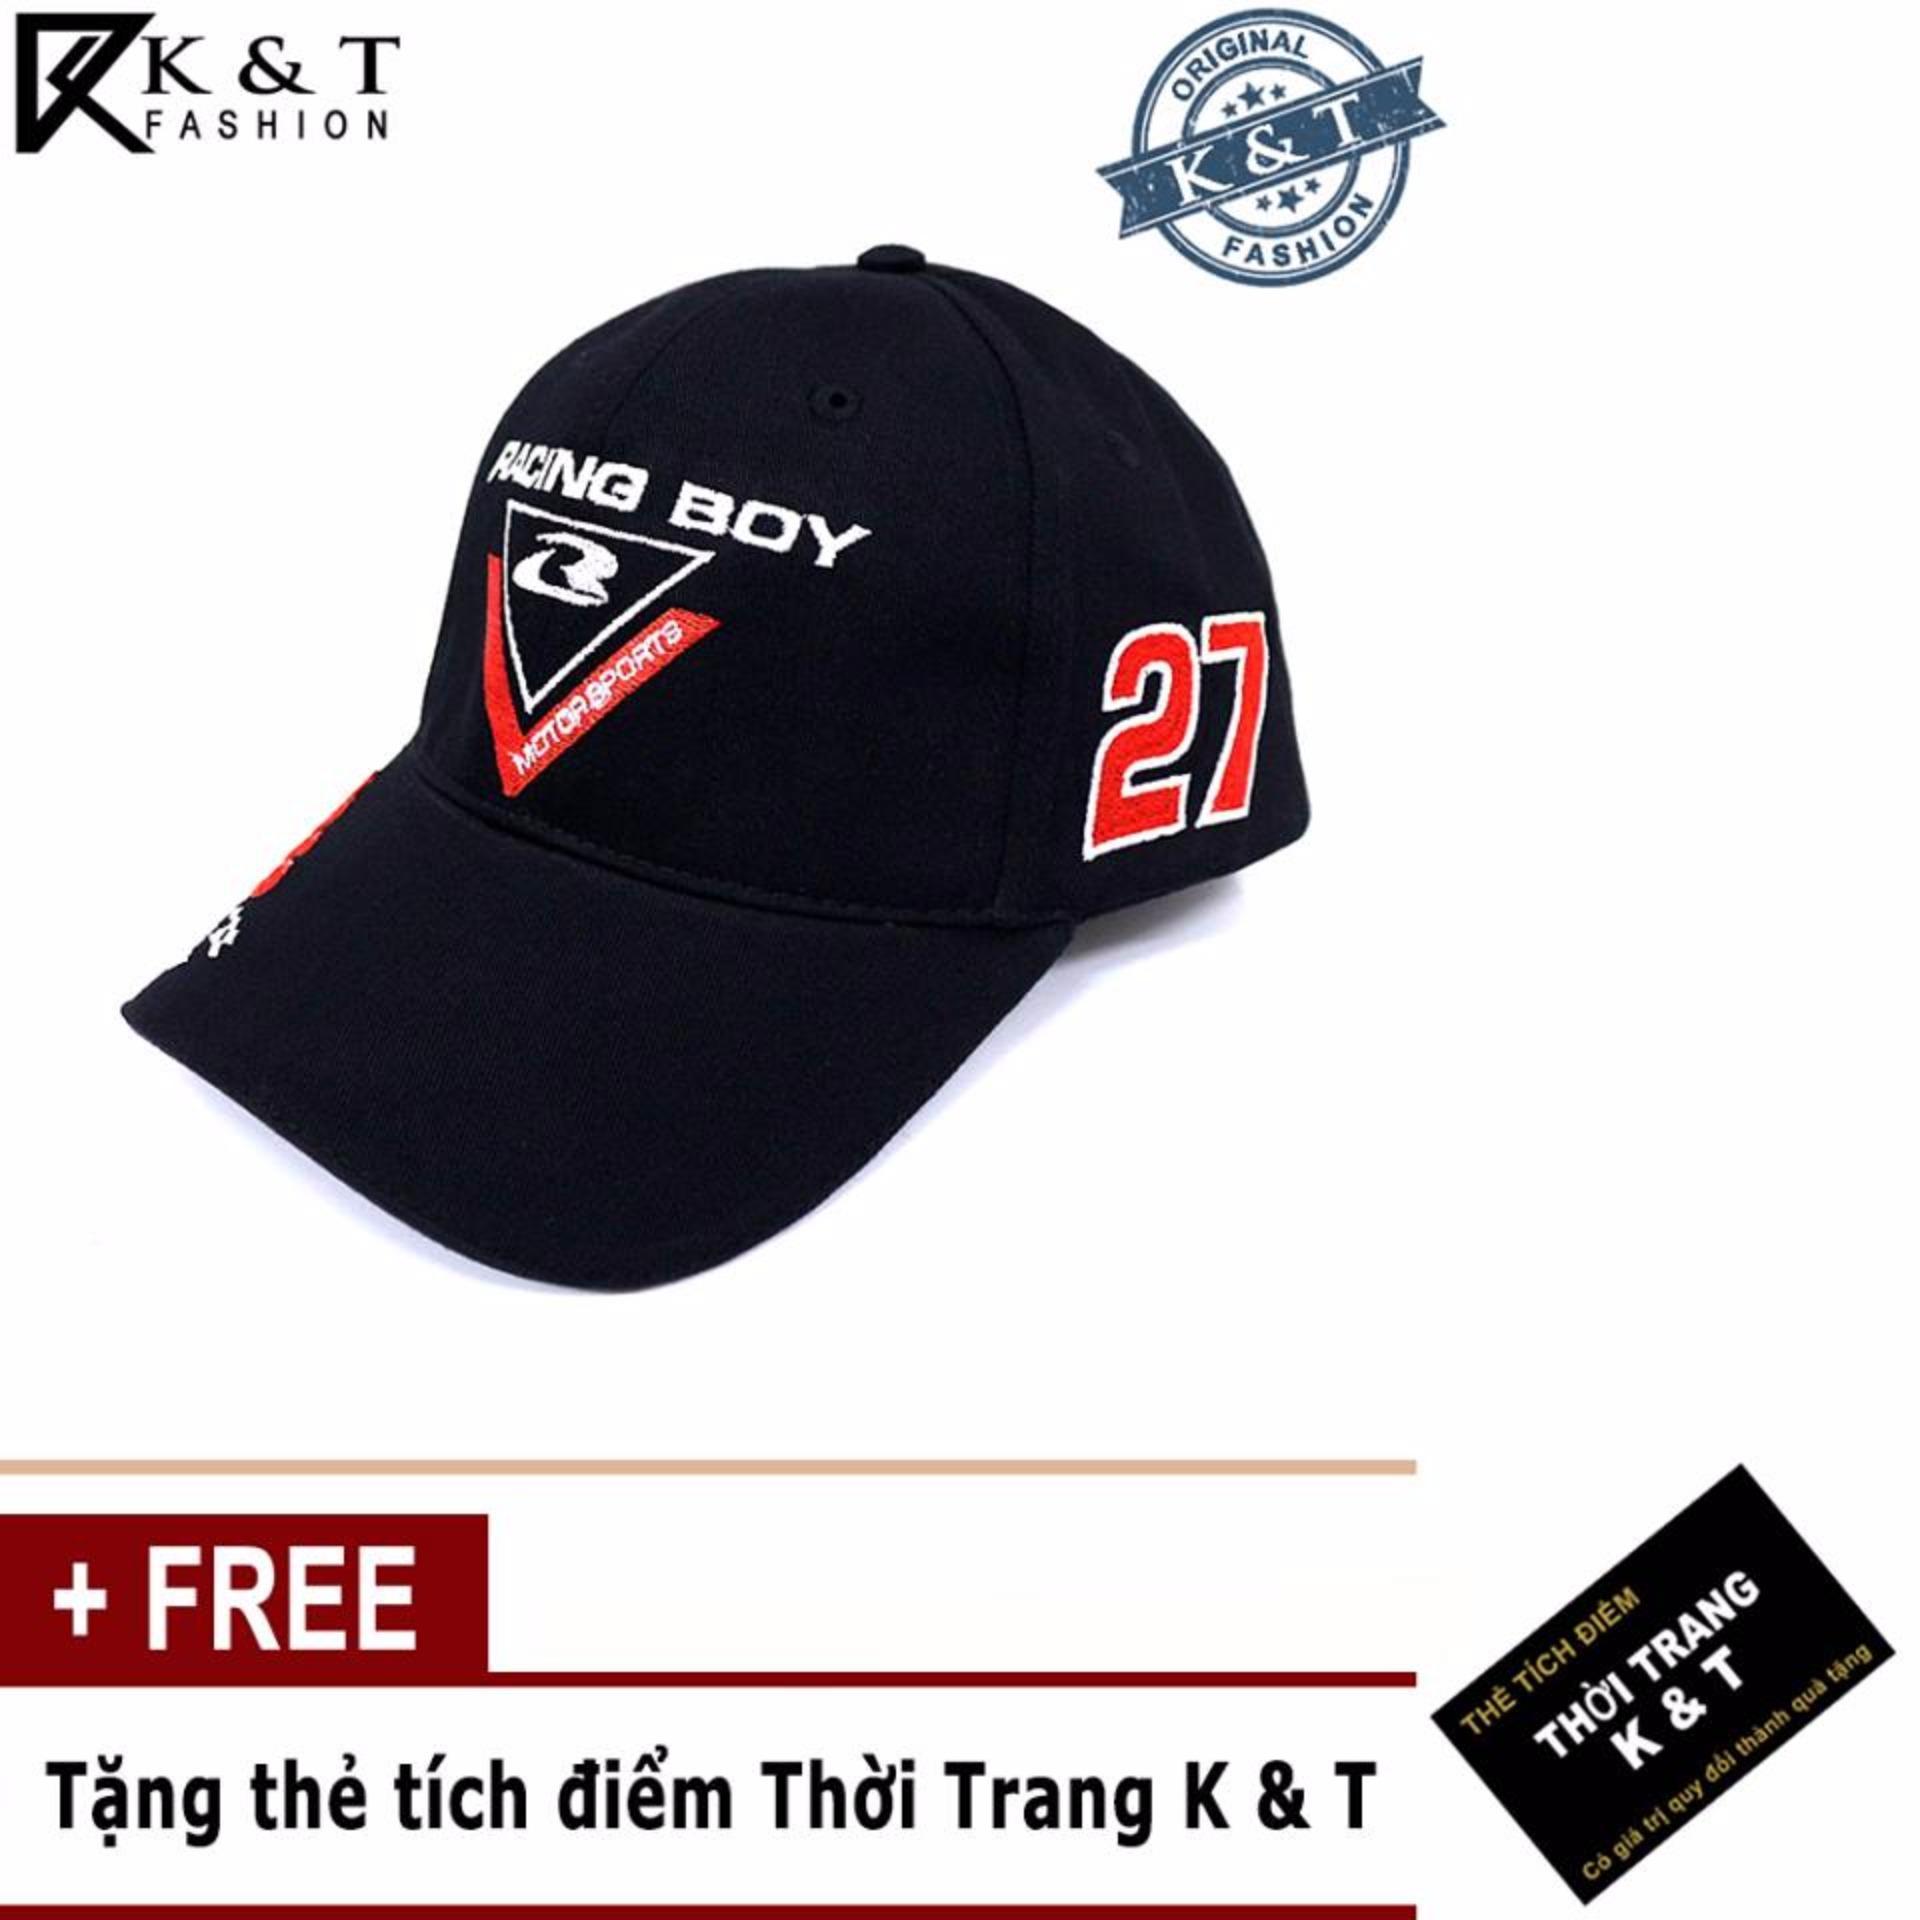 Nón Thể thao Racing Boy 27 Cao Cấp design Thời Trang K& T ( ĐEN )